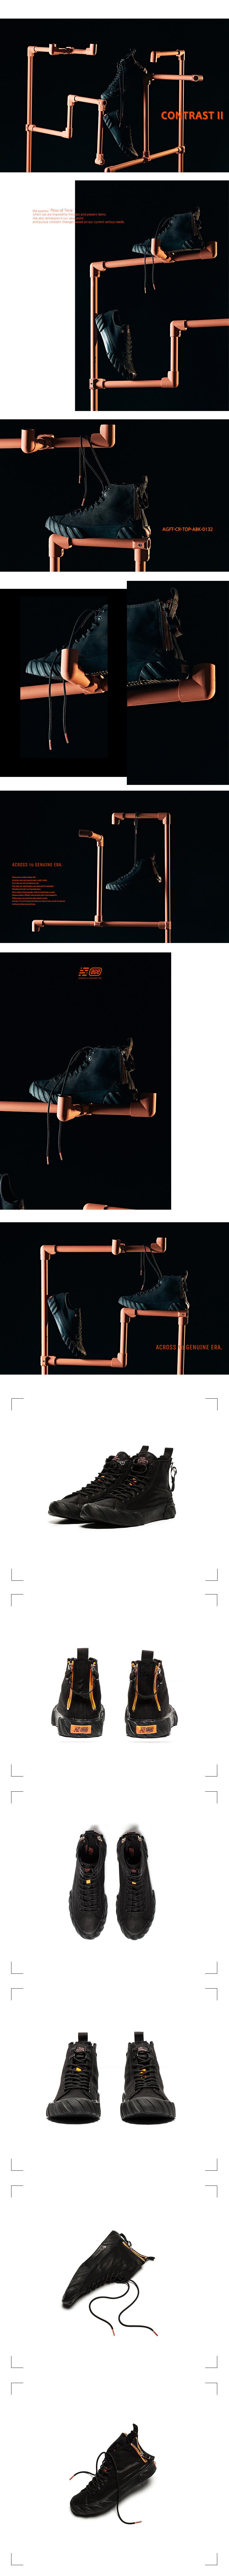 에이지(AGE) 탑 스니커즈 AGE TOP SNEAKERS (AGFT-CR-TOP-ABK-0132)